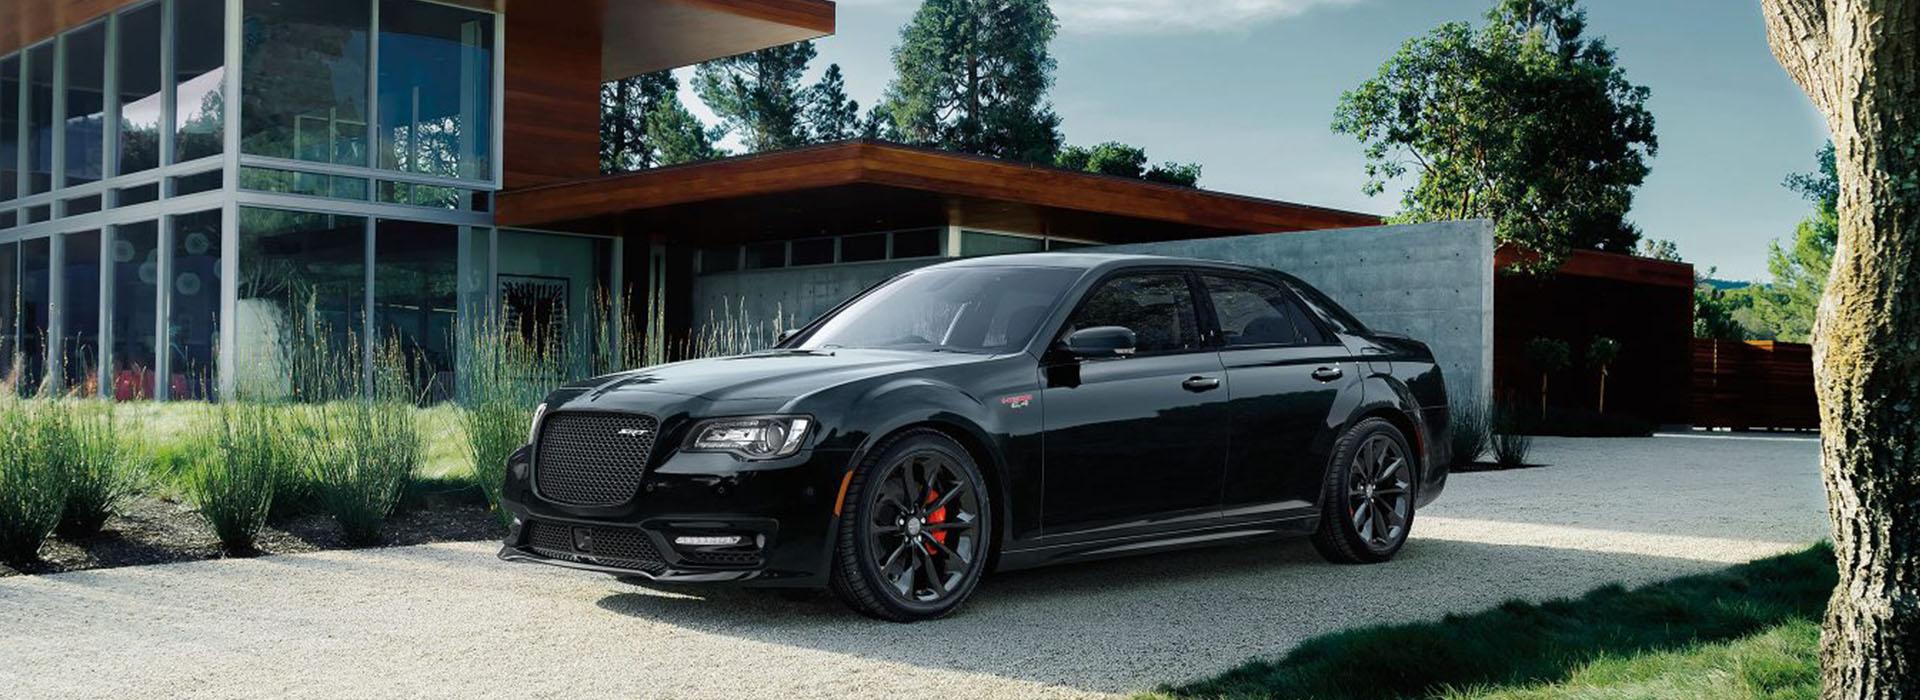 Chrysler New Car Range